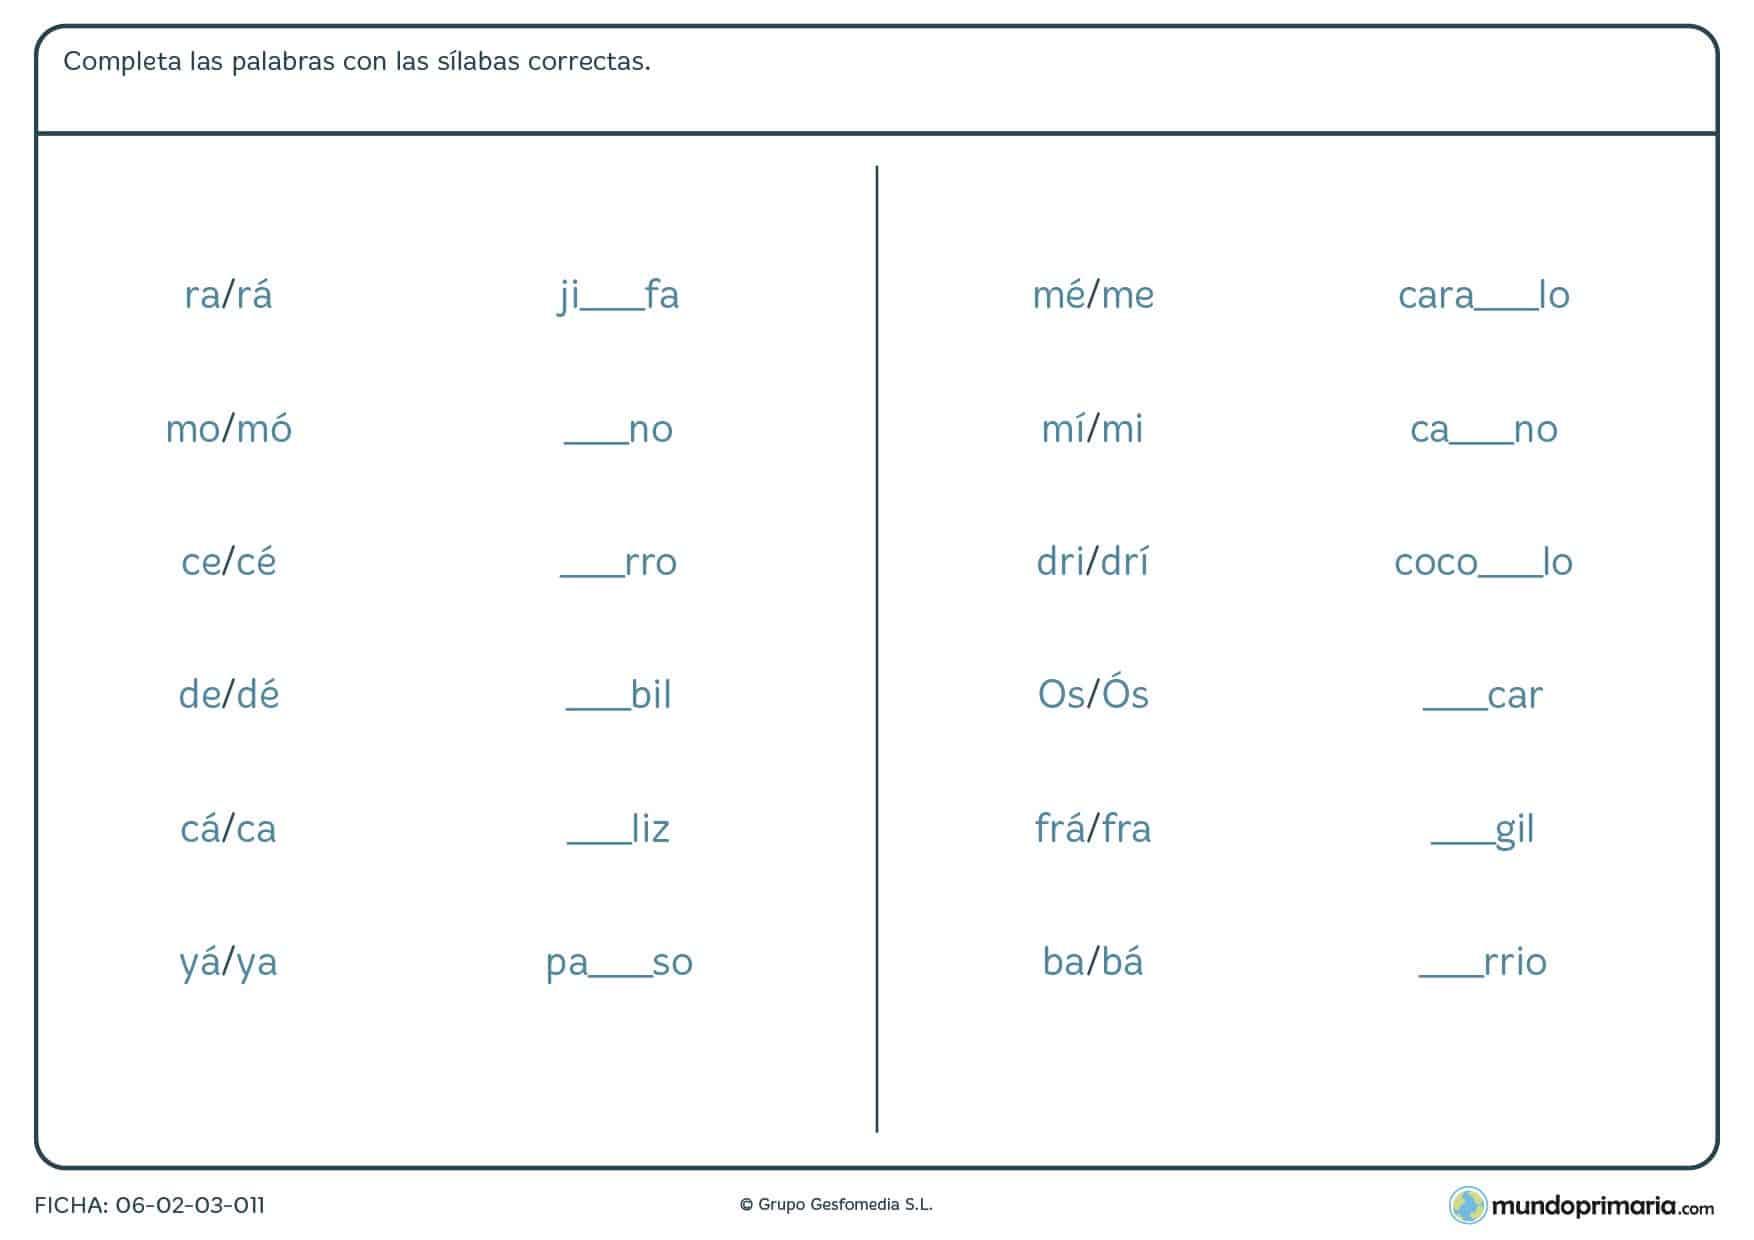 Ficha de elegir sílabas con y sin acentos para acabar palabras